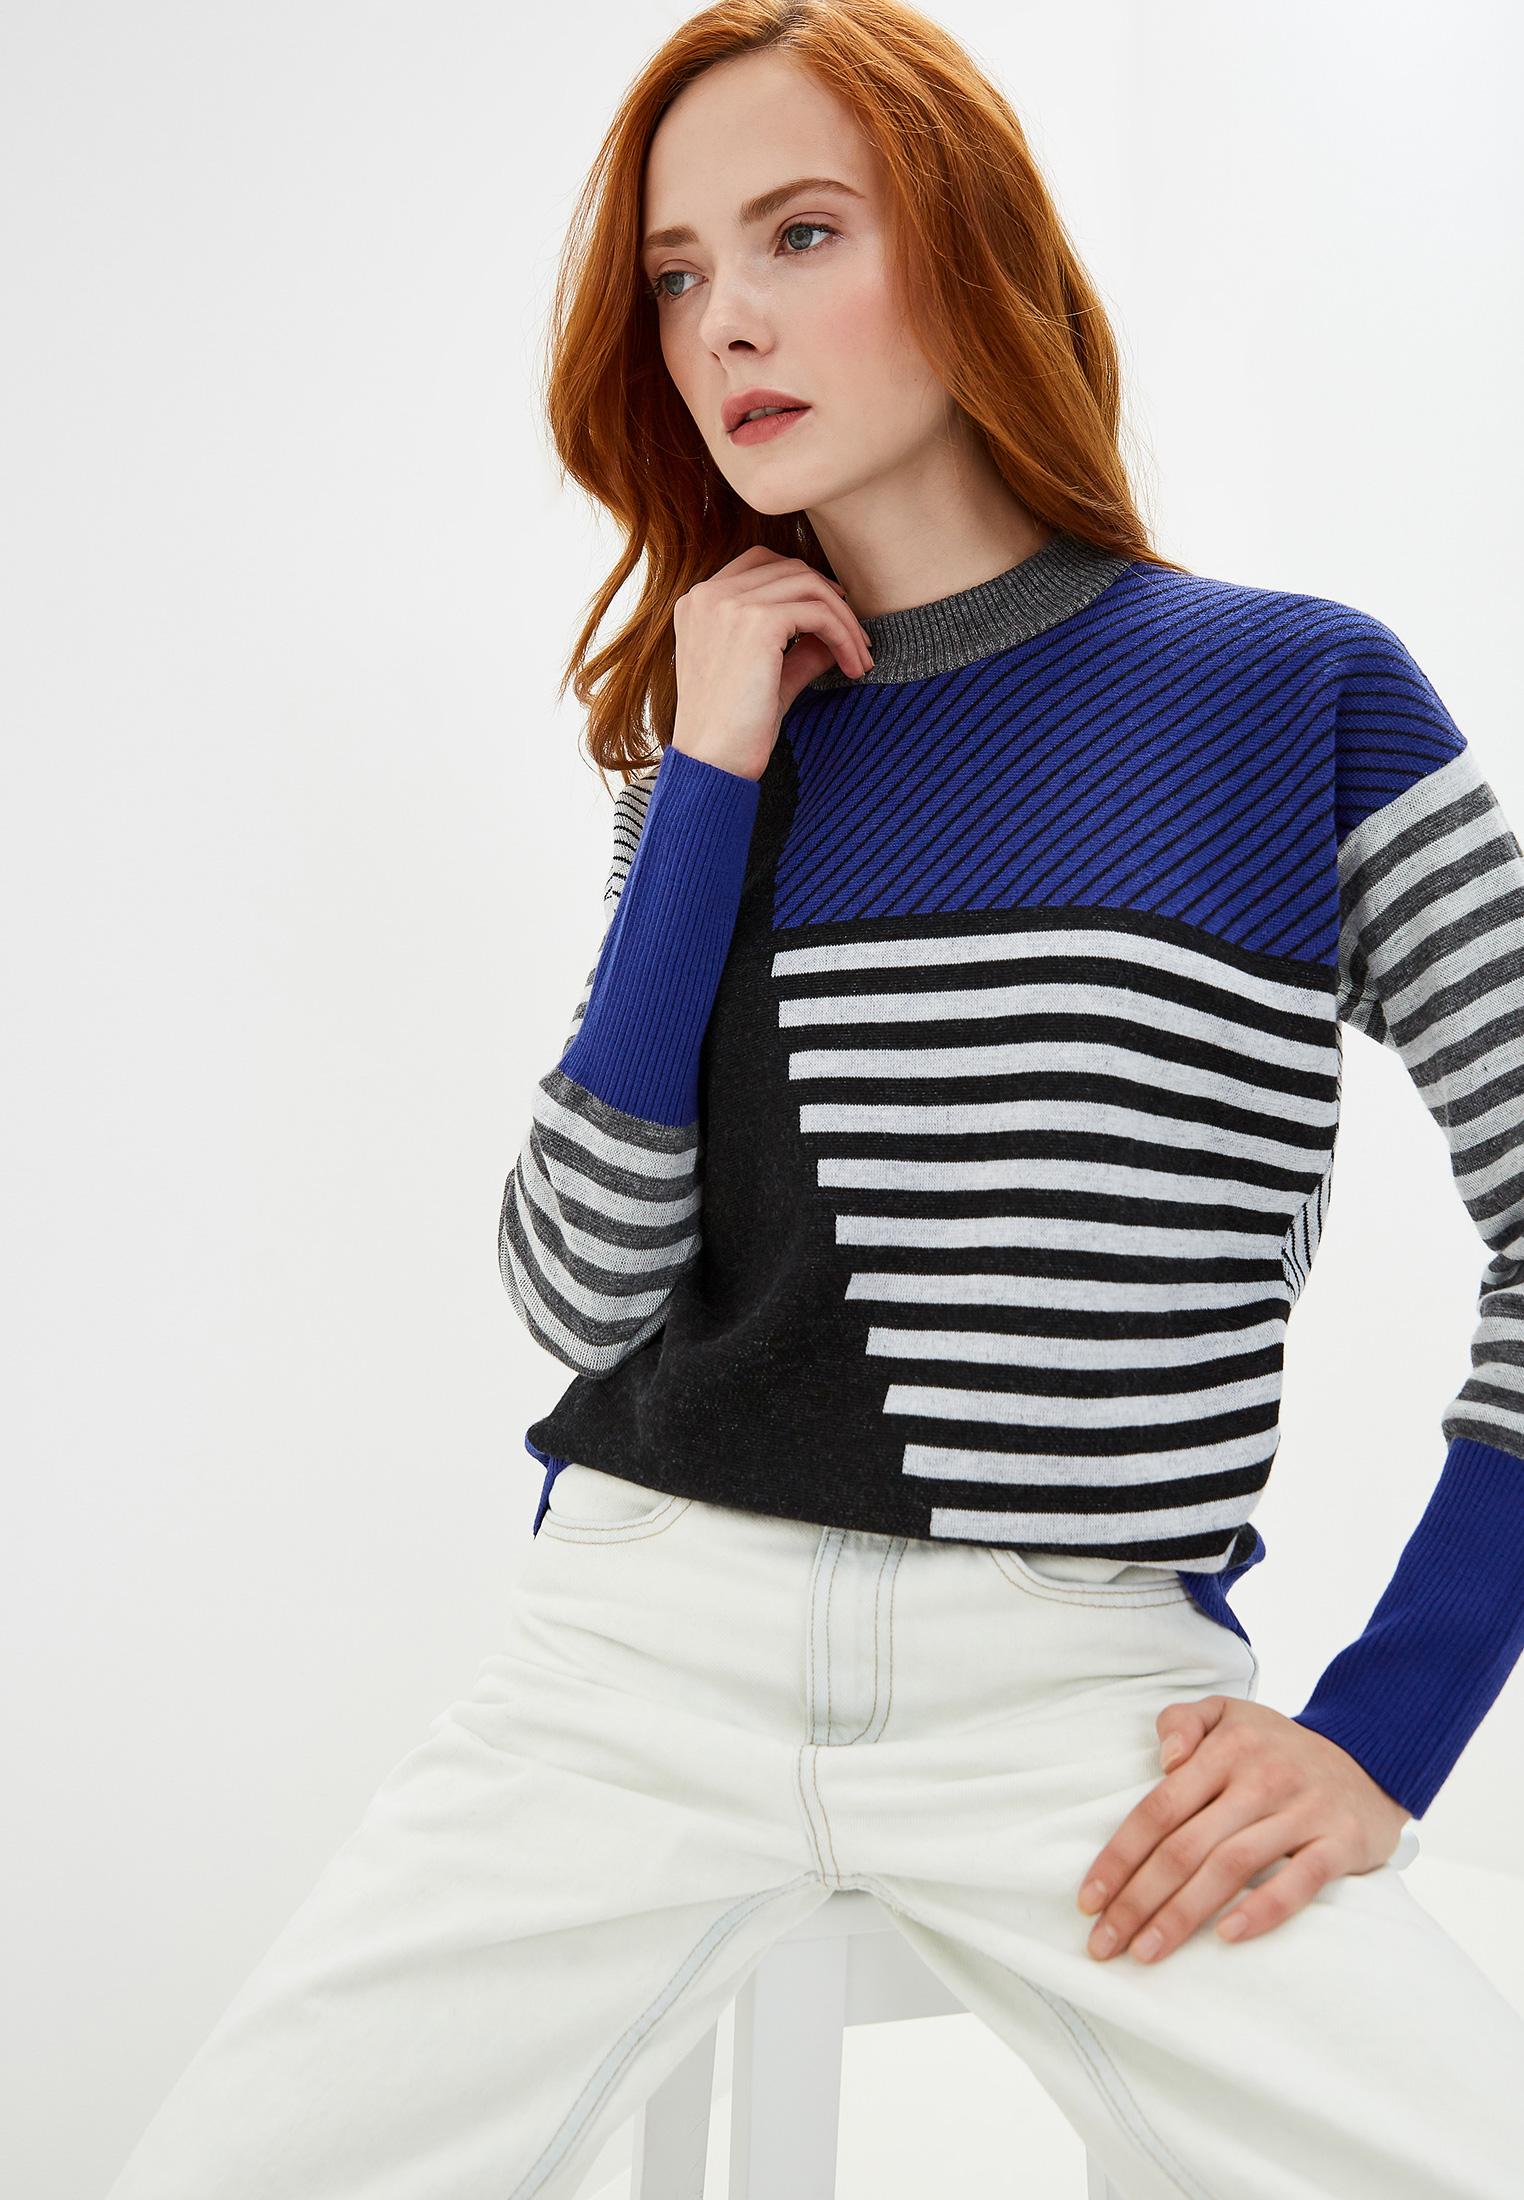 Джемпер, Bikkembergs, цвет: синий. Артикул: BI535EWFJOX6. Одежда / Джемперы, свитеры и кардиганы